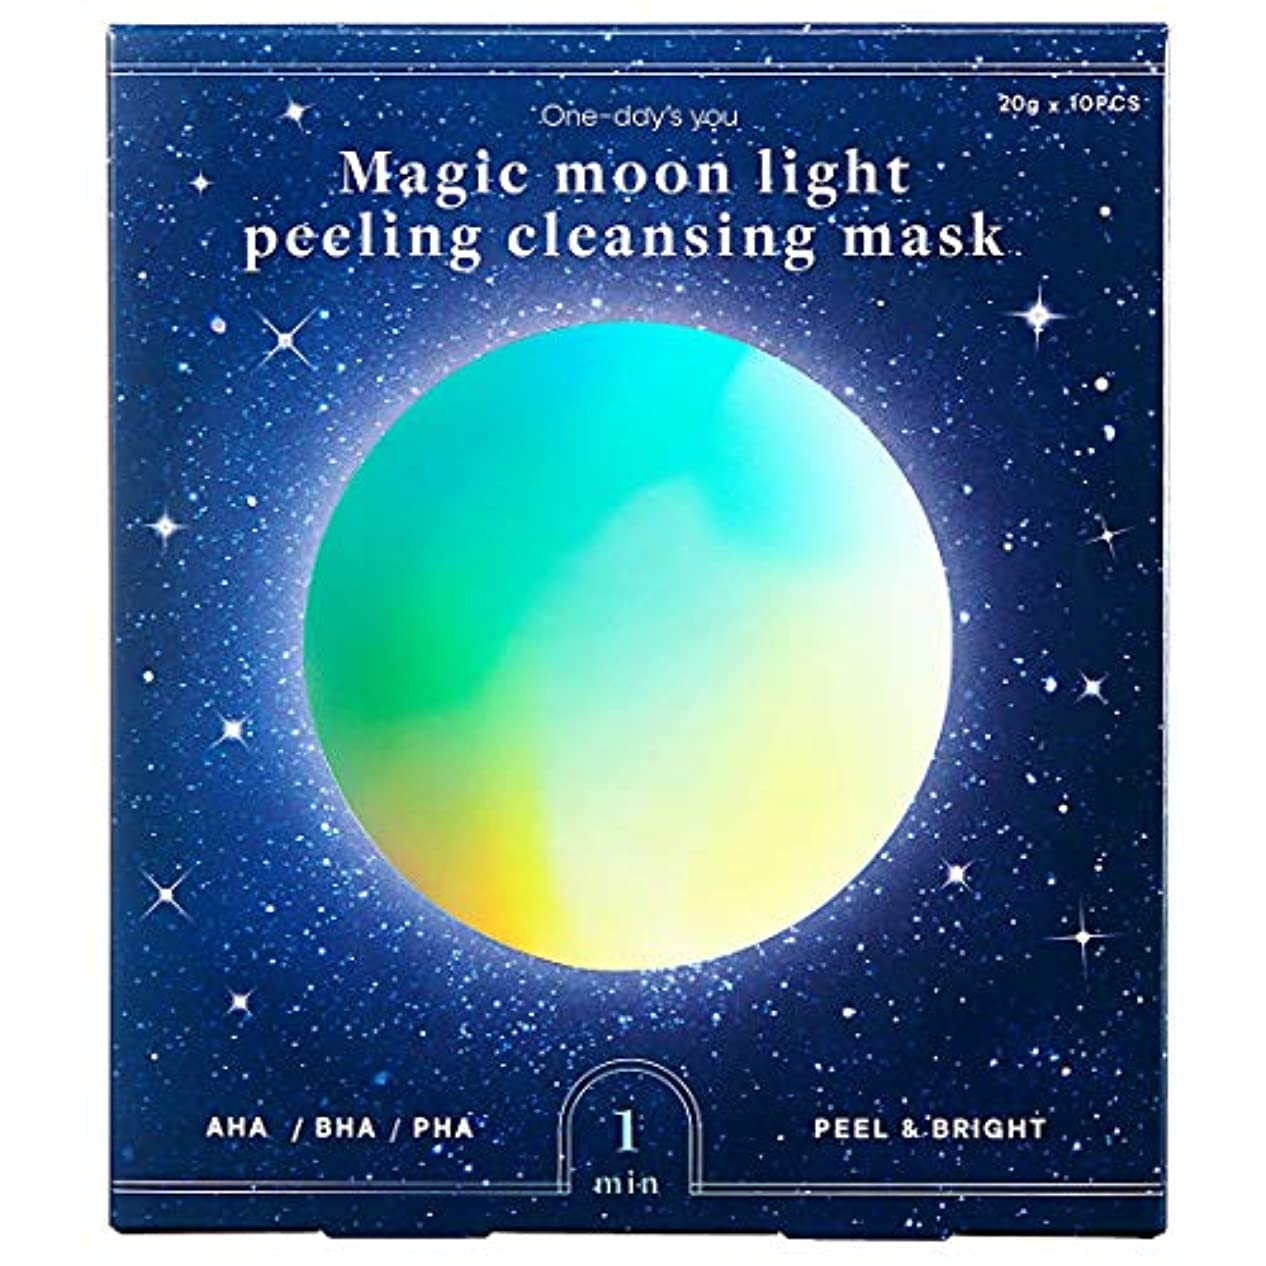 立派な和らげるブラウンOne day's you [ワンデイズユー ] マジック ムーンライト ピーリング クレンジング マスク/Magic Moonlight Peeling Cleansing Mask (20g*10ea) [並行輸入品]